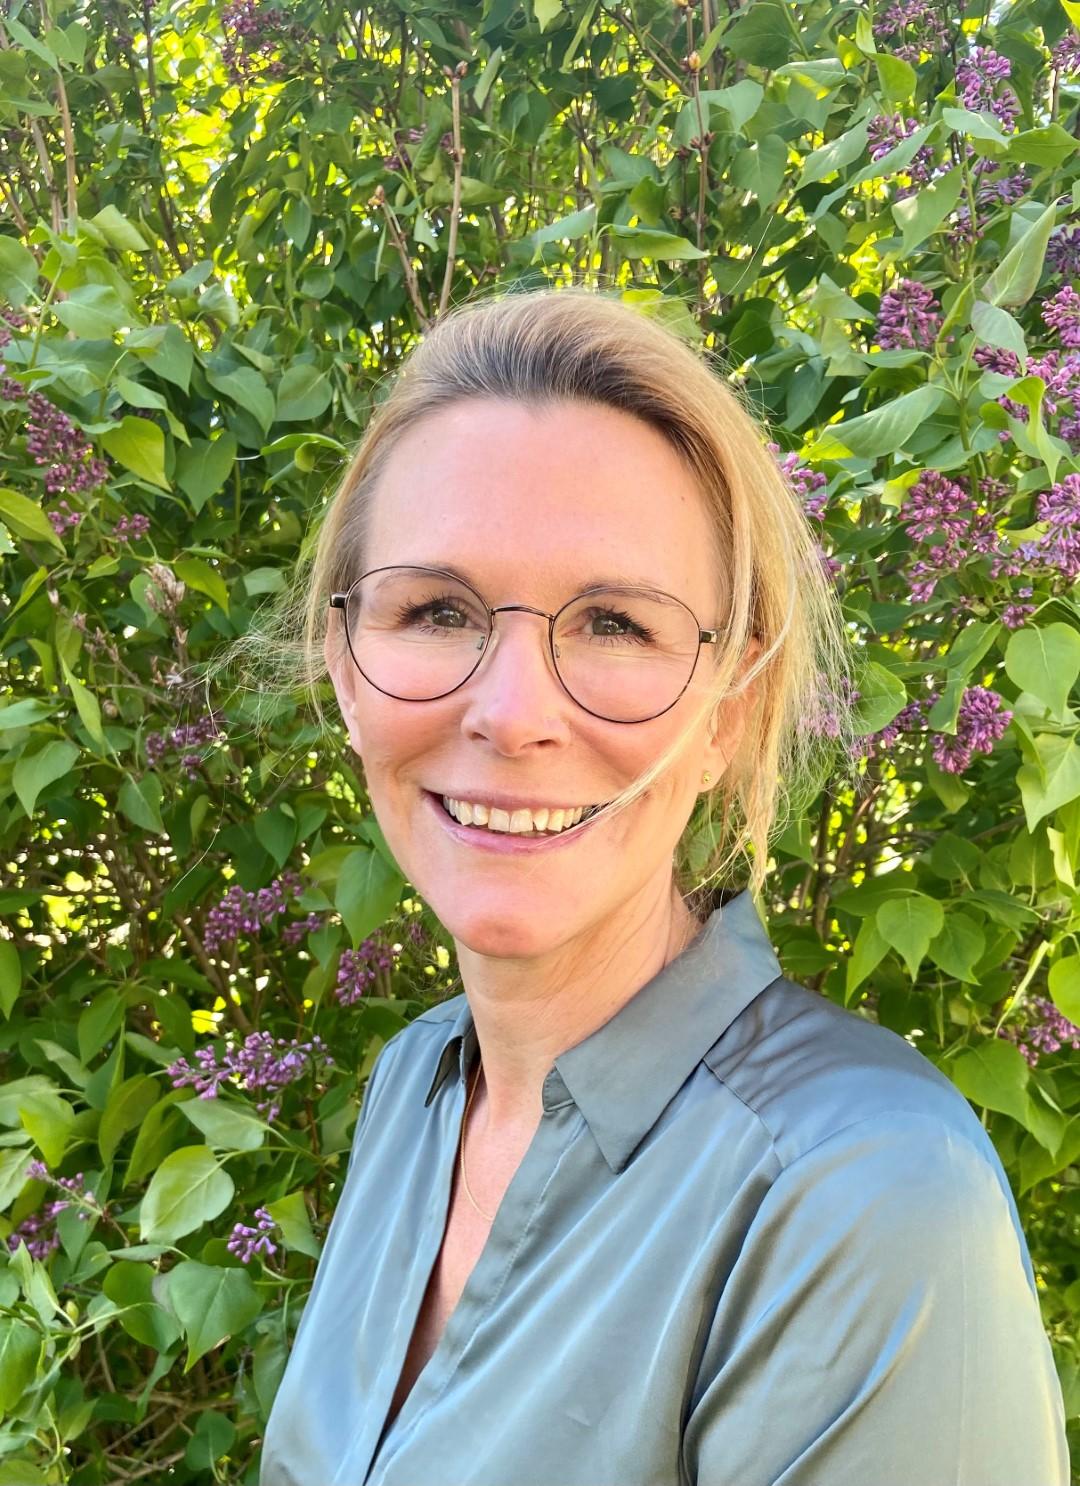 Katja Skånér